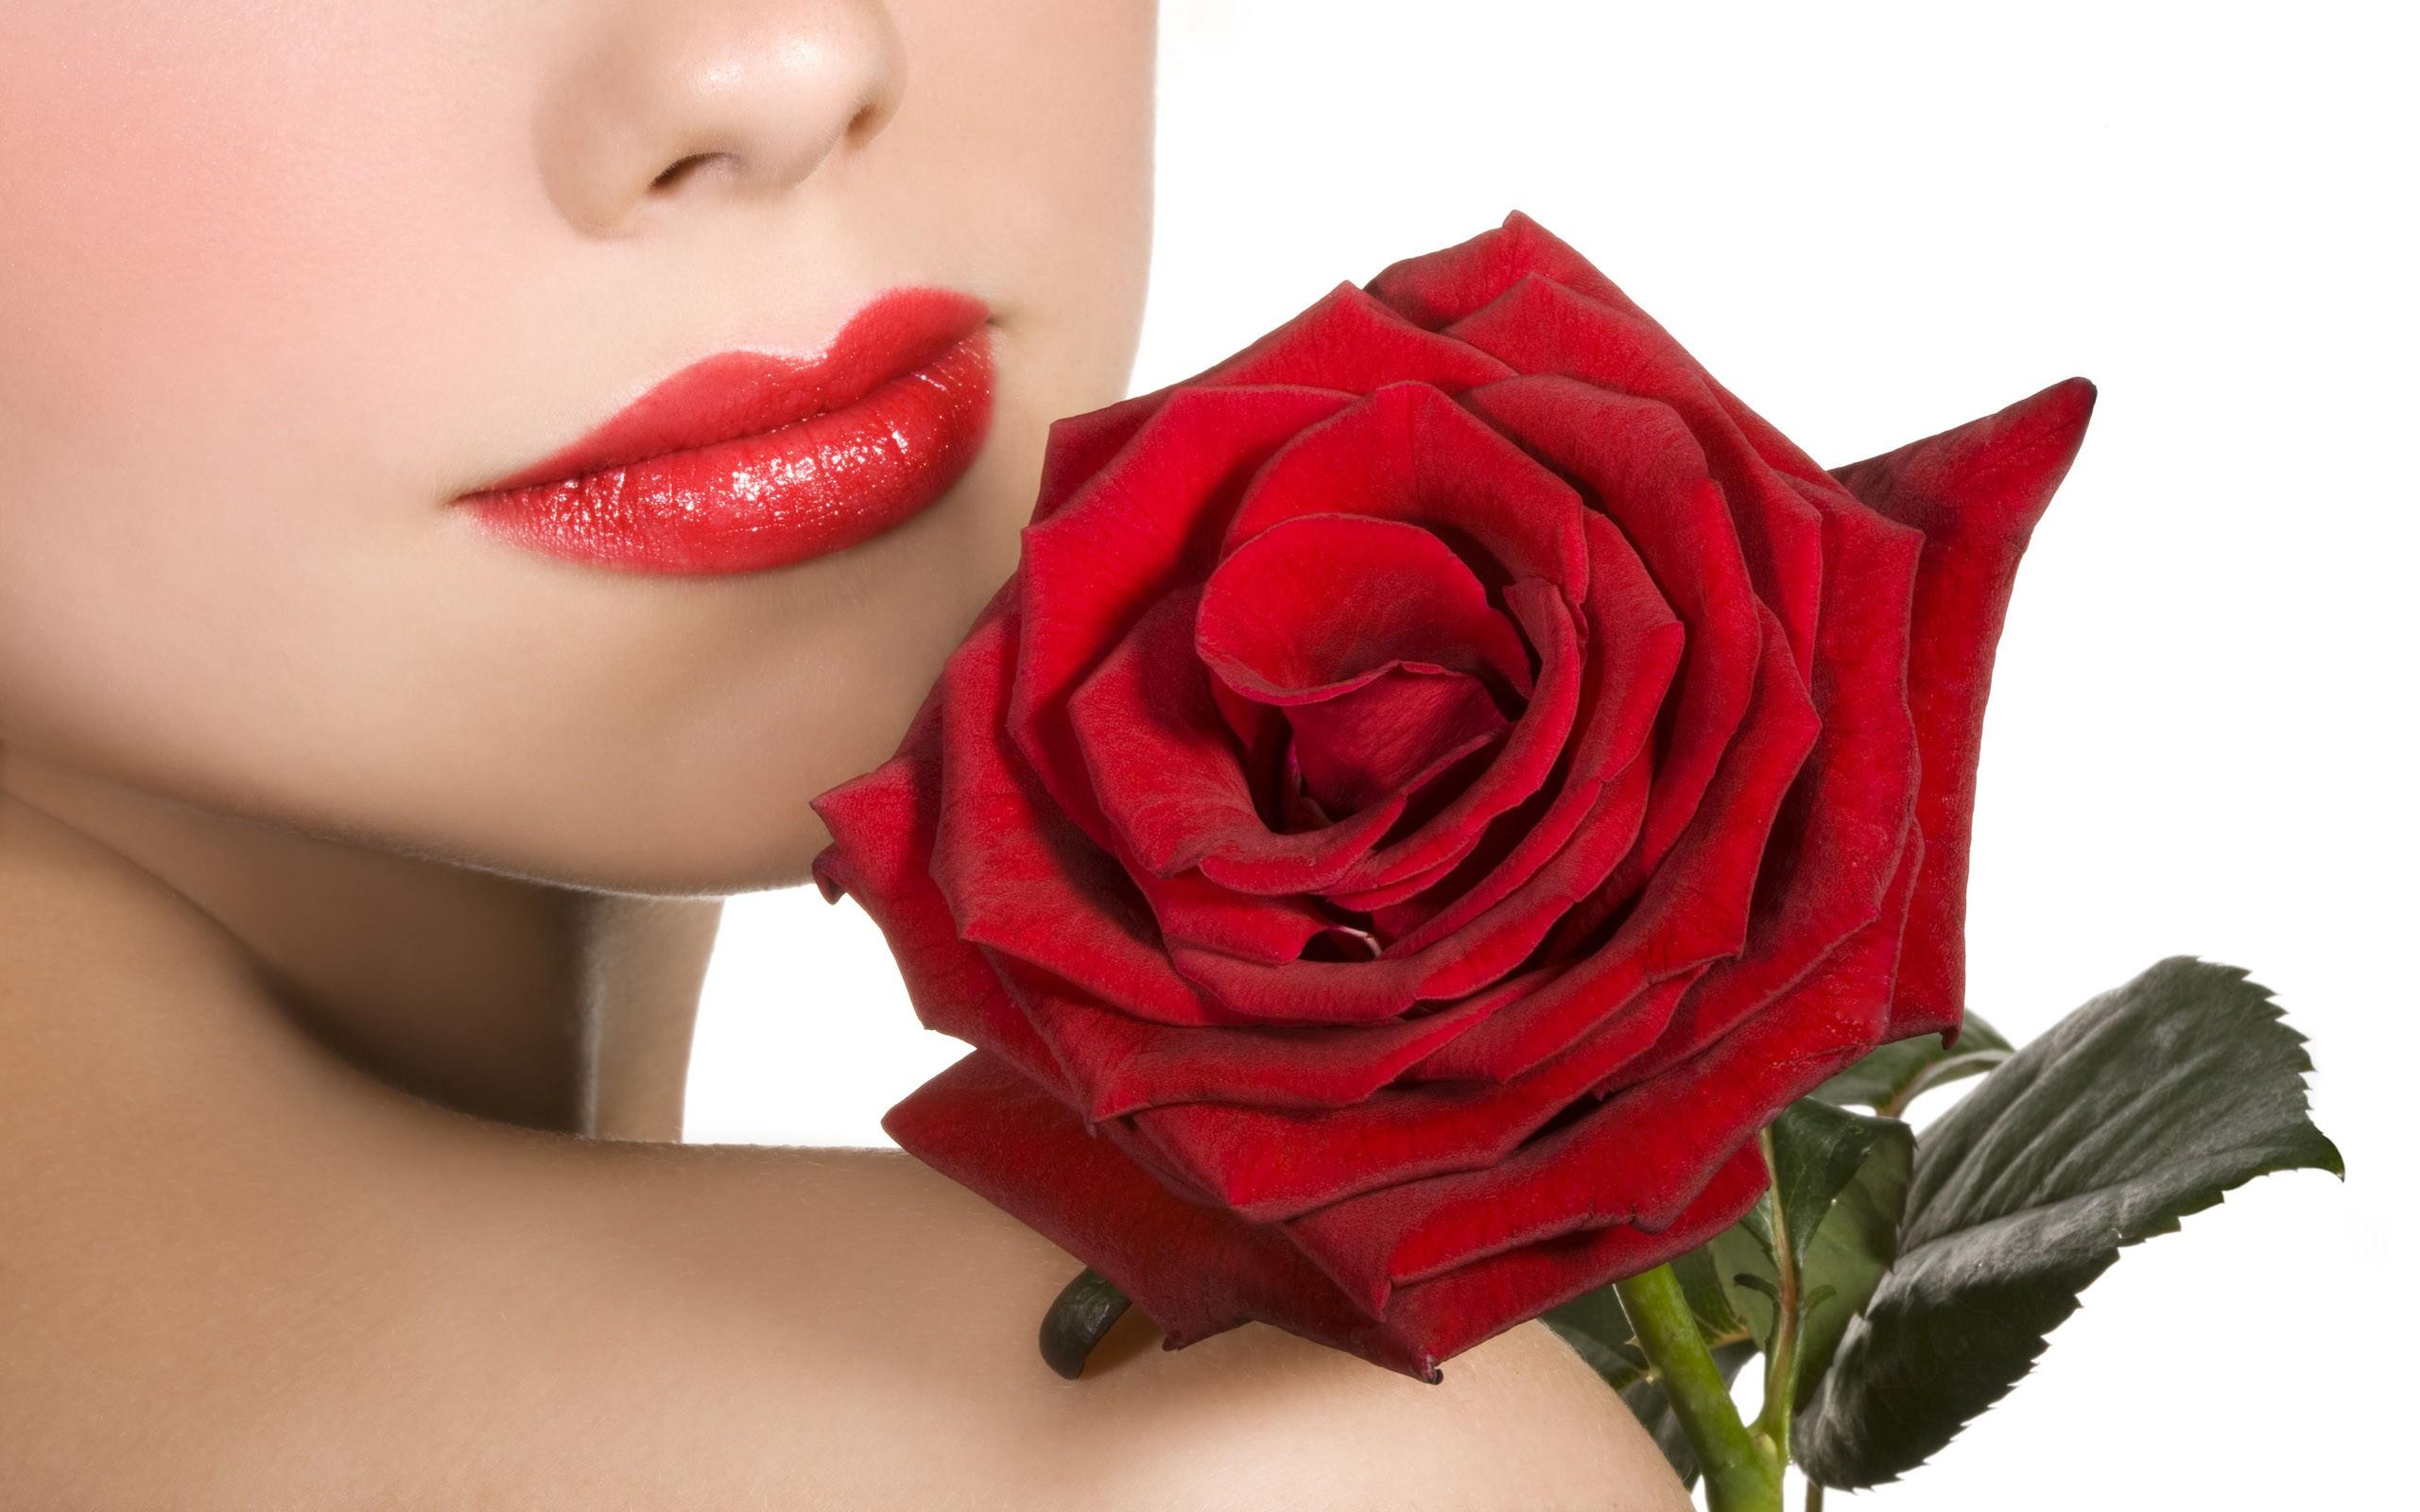 Una chica y una rosa - 2560x1600